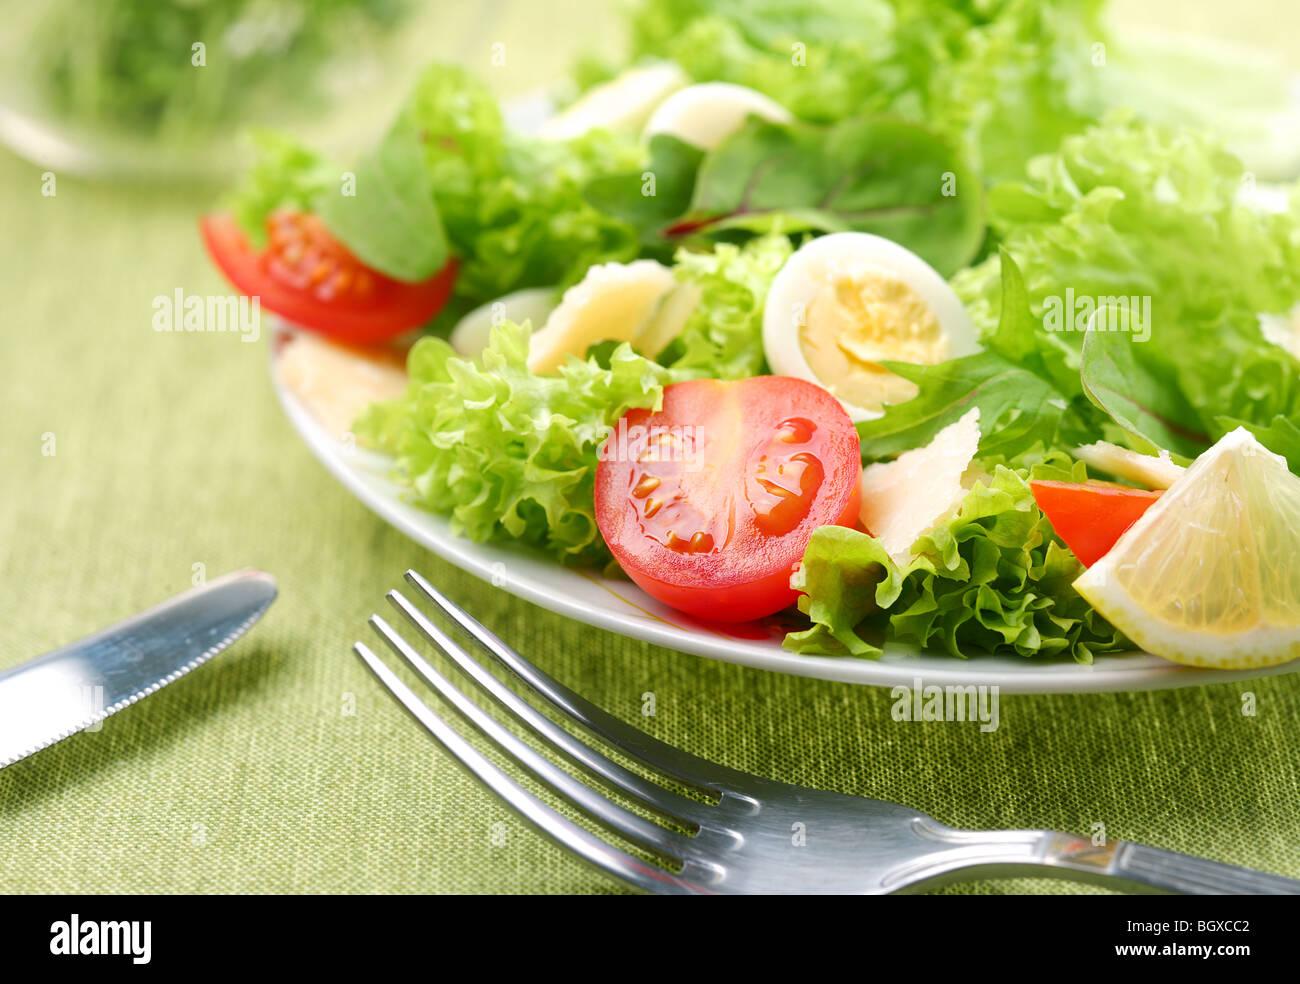 Salade fraîche à la tomate et oeufs de caille dans un bol blanc sur une nappe verte Photo Stock